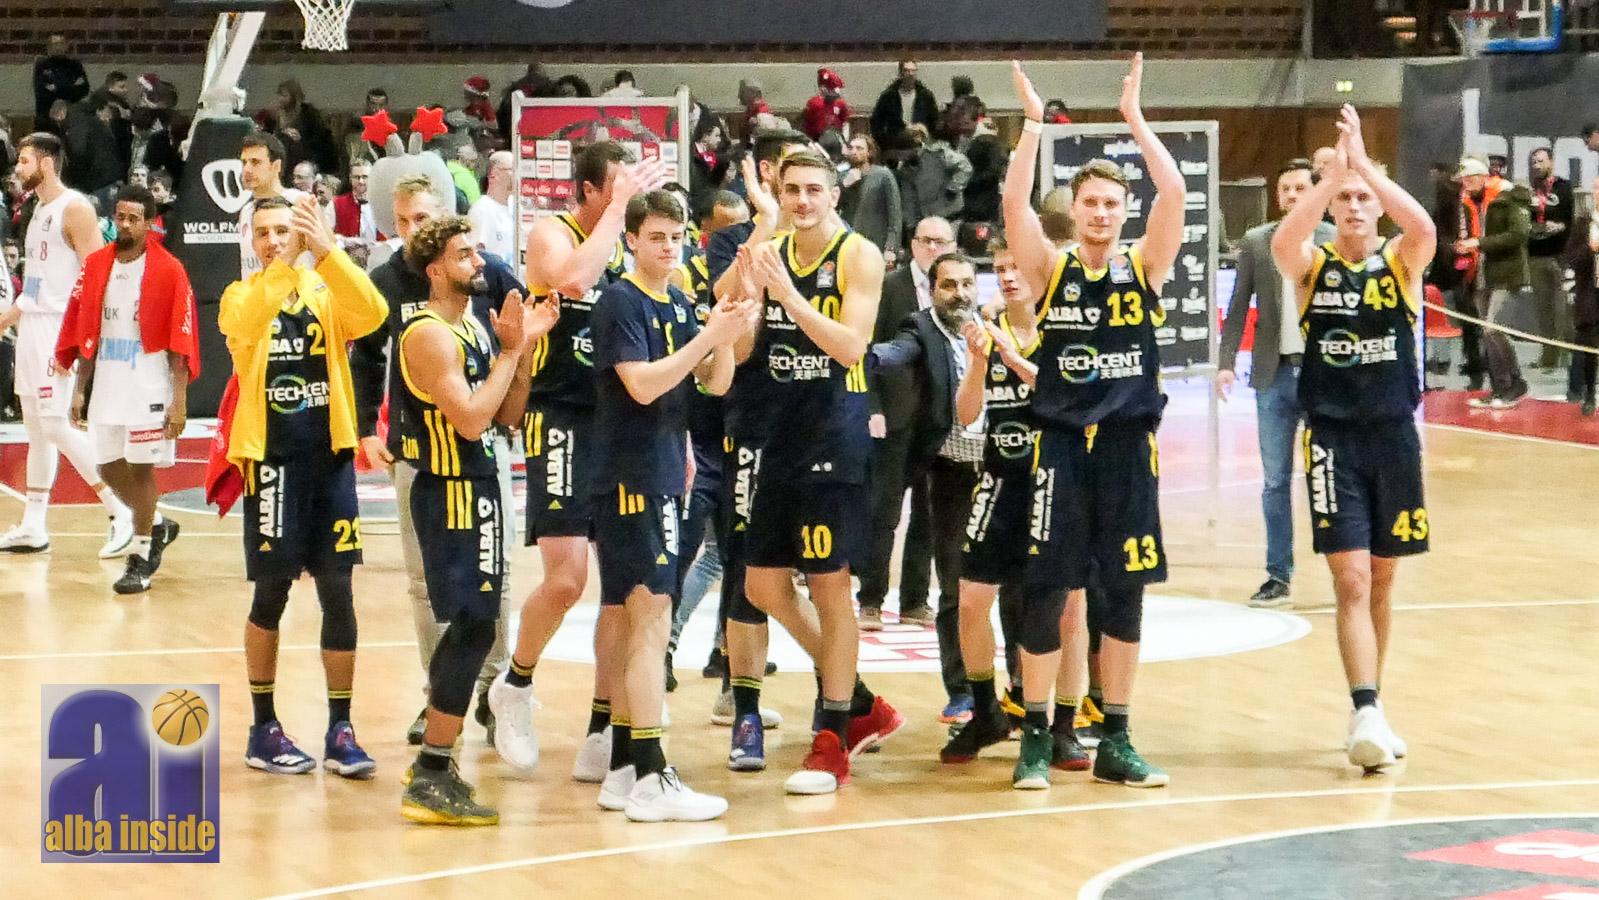 Grund zur Freude nach dem Hinspiel: Tim Schneider, Marius Grigonis, Joshiko Saibou, Jonas Mattisseck und Co